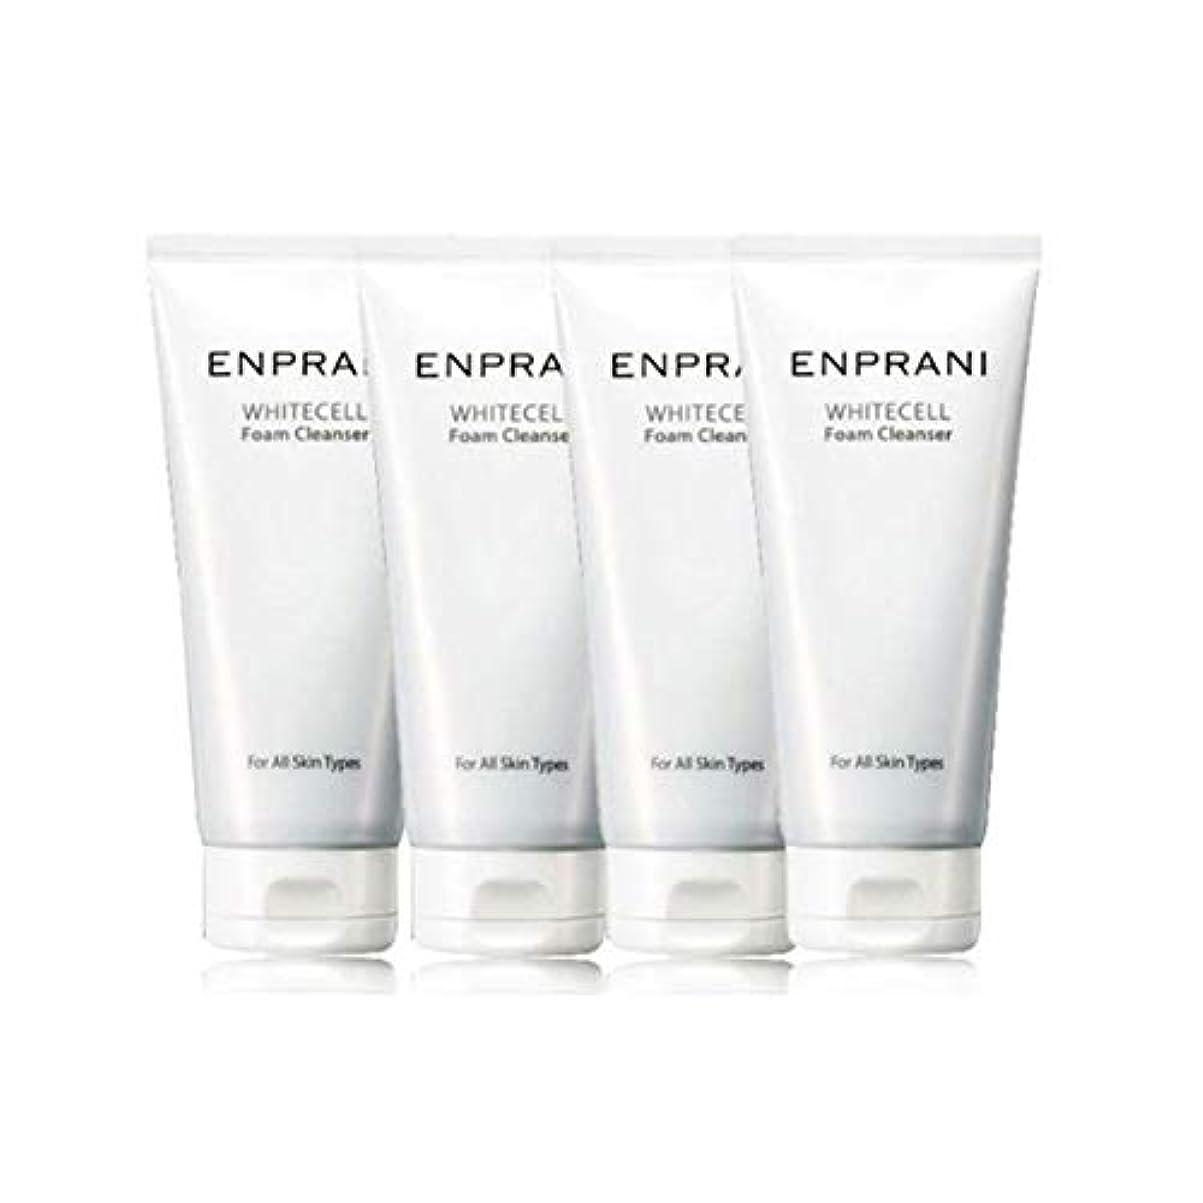 文字偏見ジーンズエンプラニホワイトセル、フォームクレンザー100mlx 4本セット毛穴洗浄 皮膚管理、Enprani White Cell Foam Cleanser 100mlx 4ea Set Pore Cleaning Skin Care [並行輸入品]